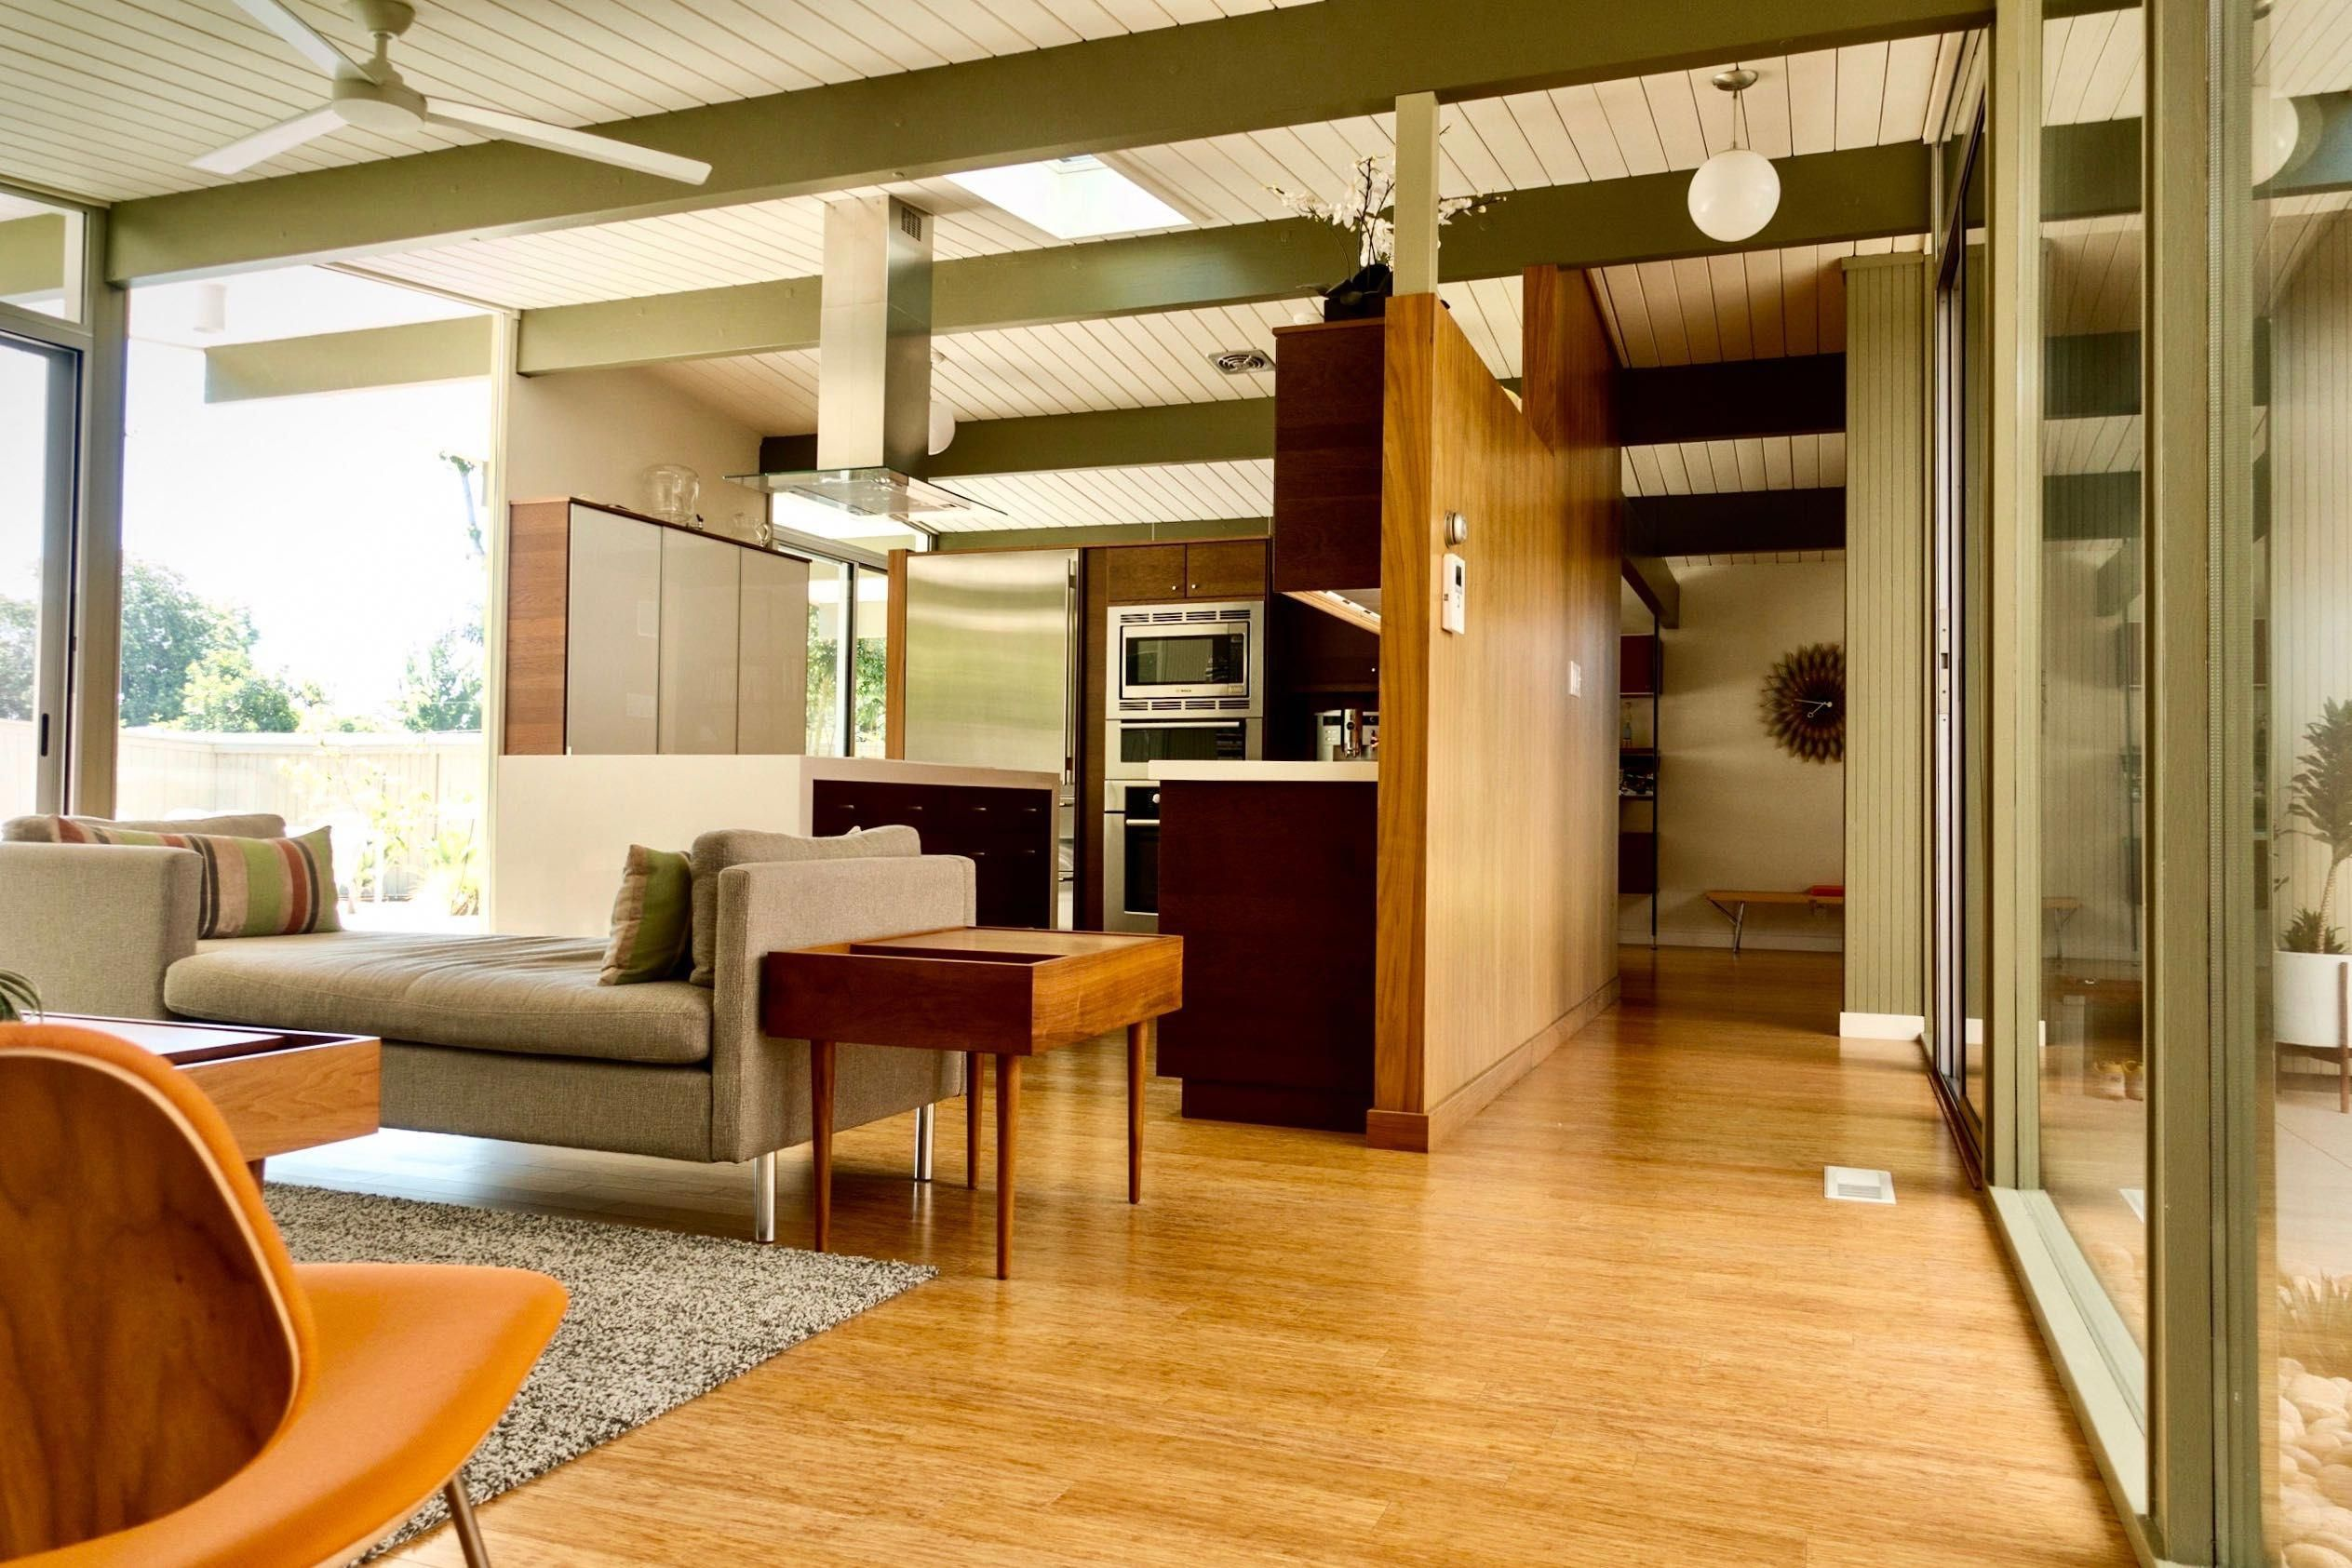 Best Hanh Bannister Eichler Home Renovation Living 640 x 480